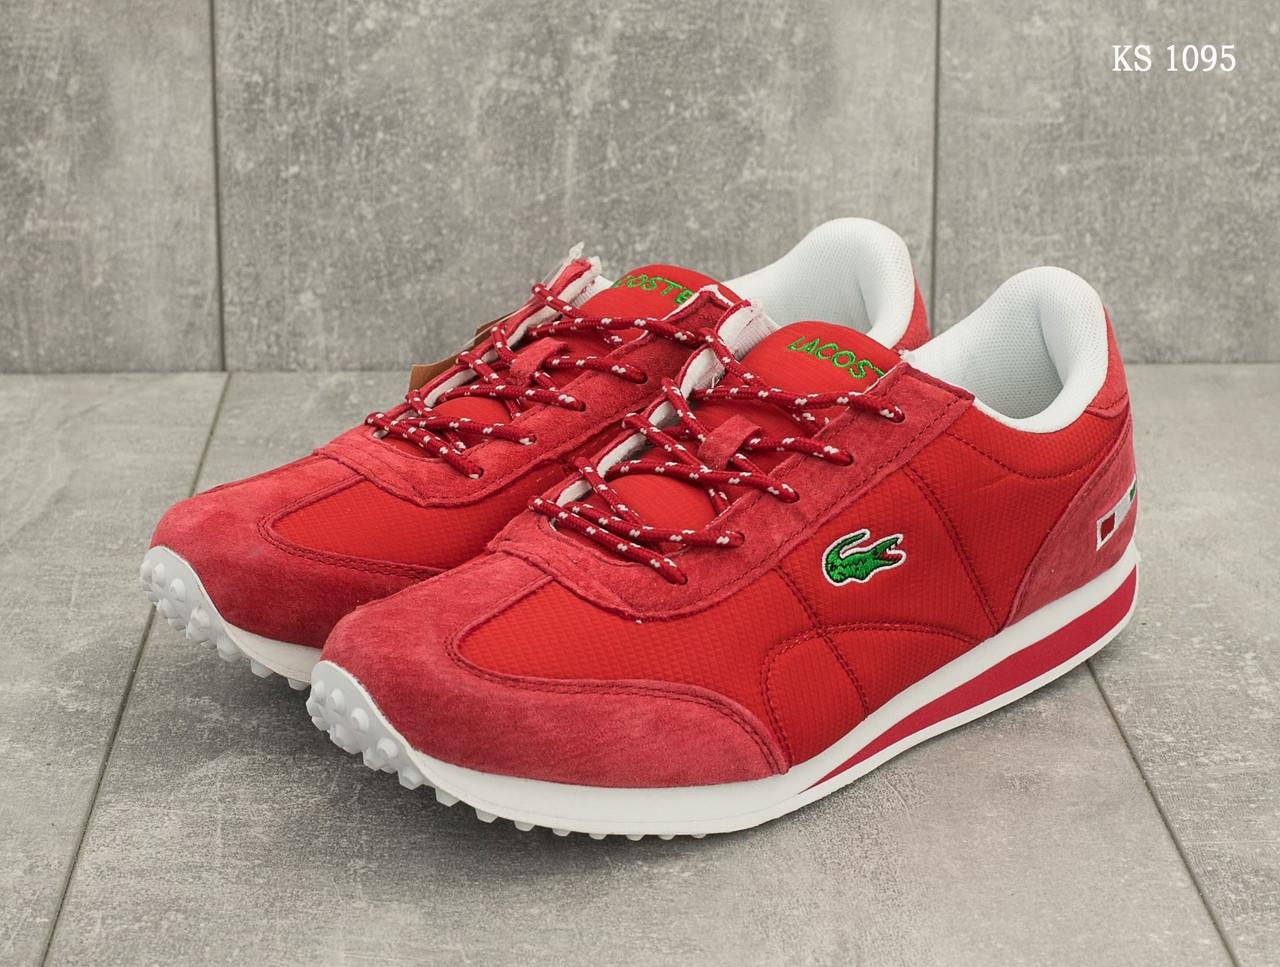 Мужские кроссовки Lacoste (красные)